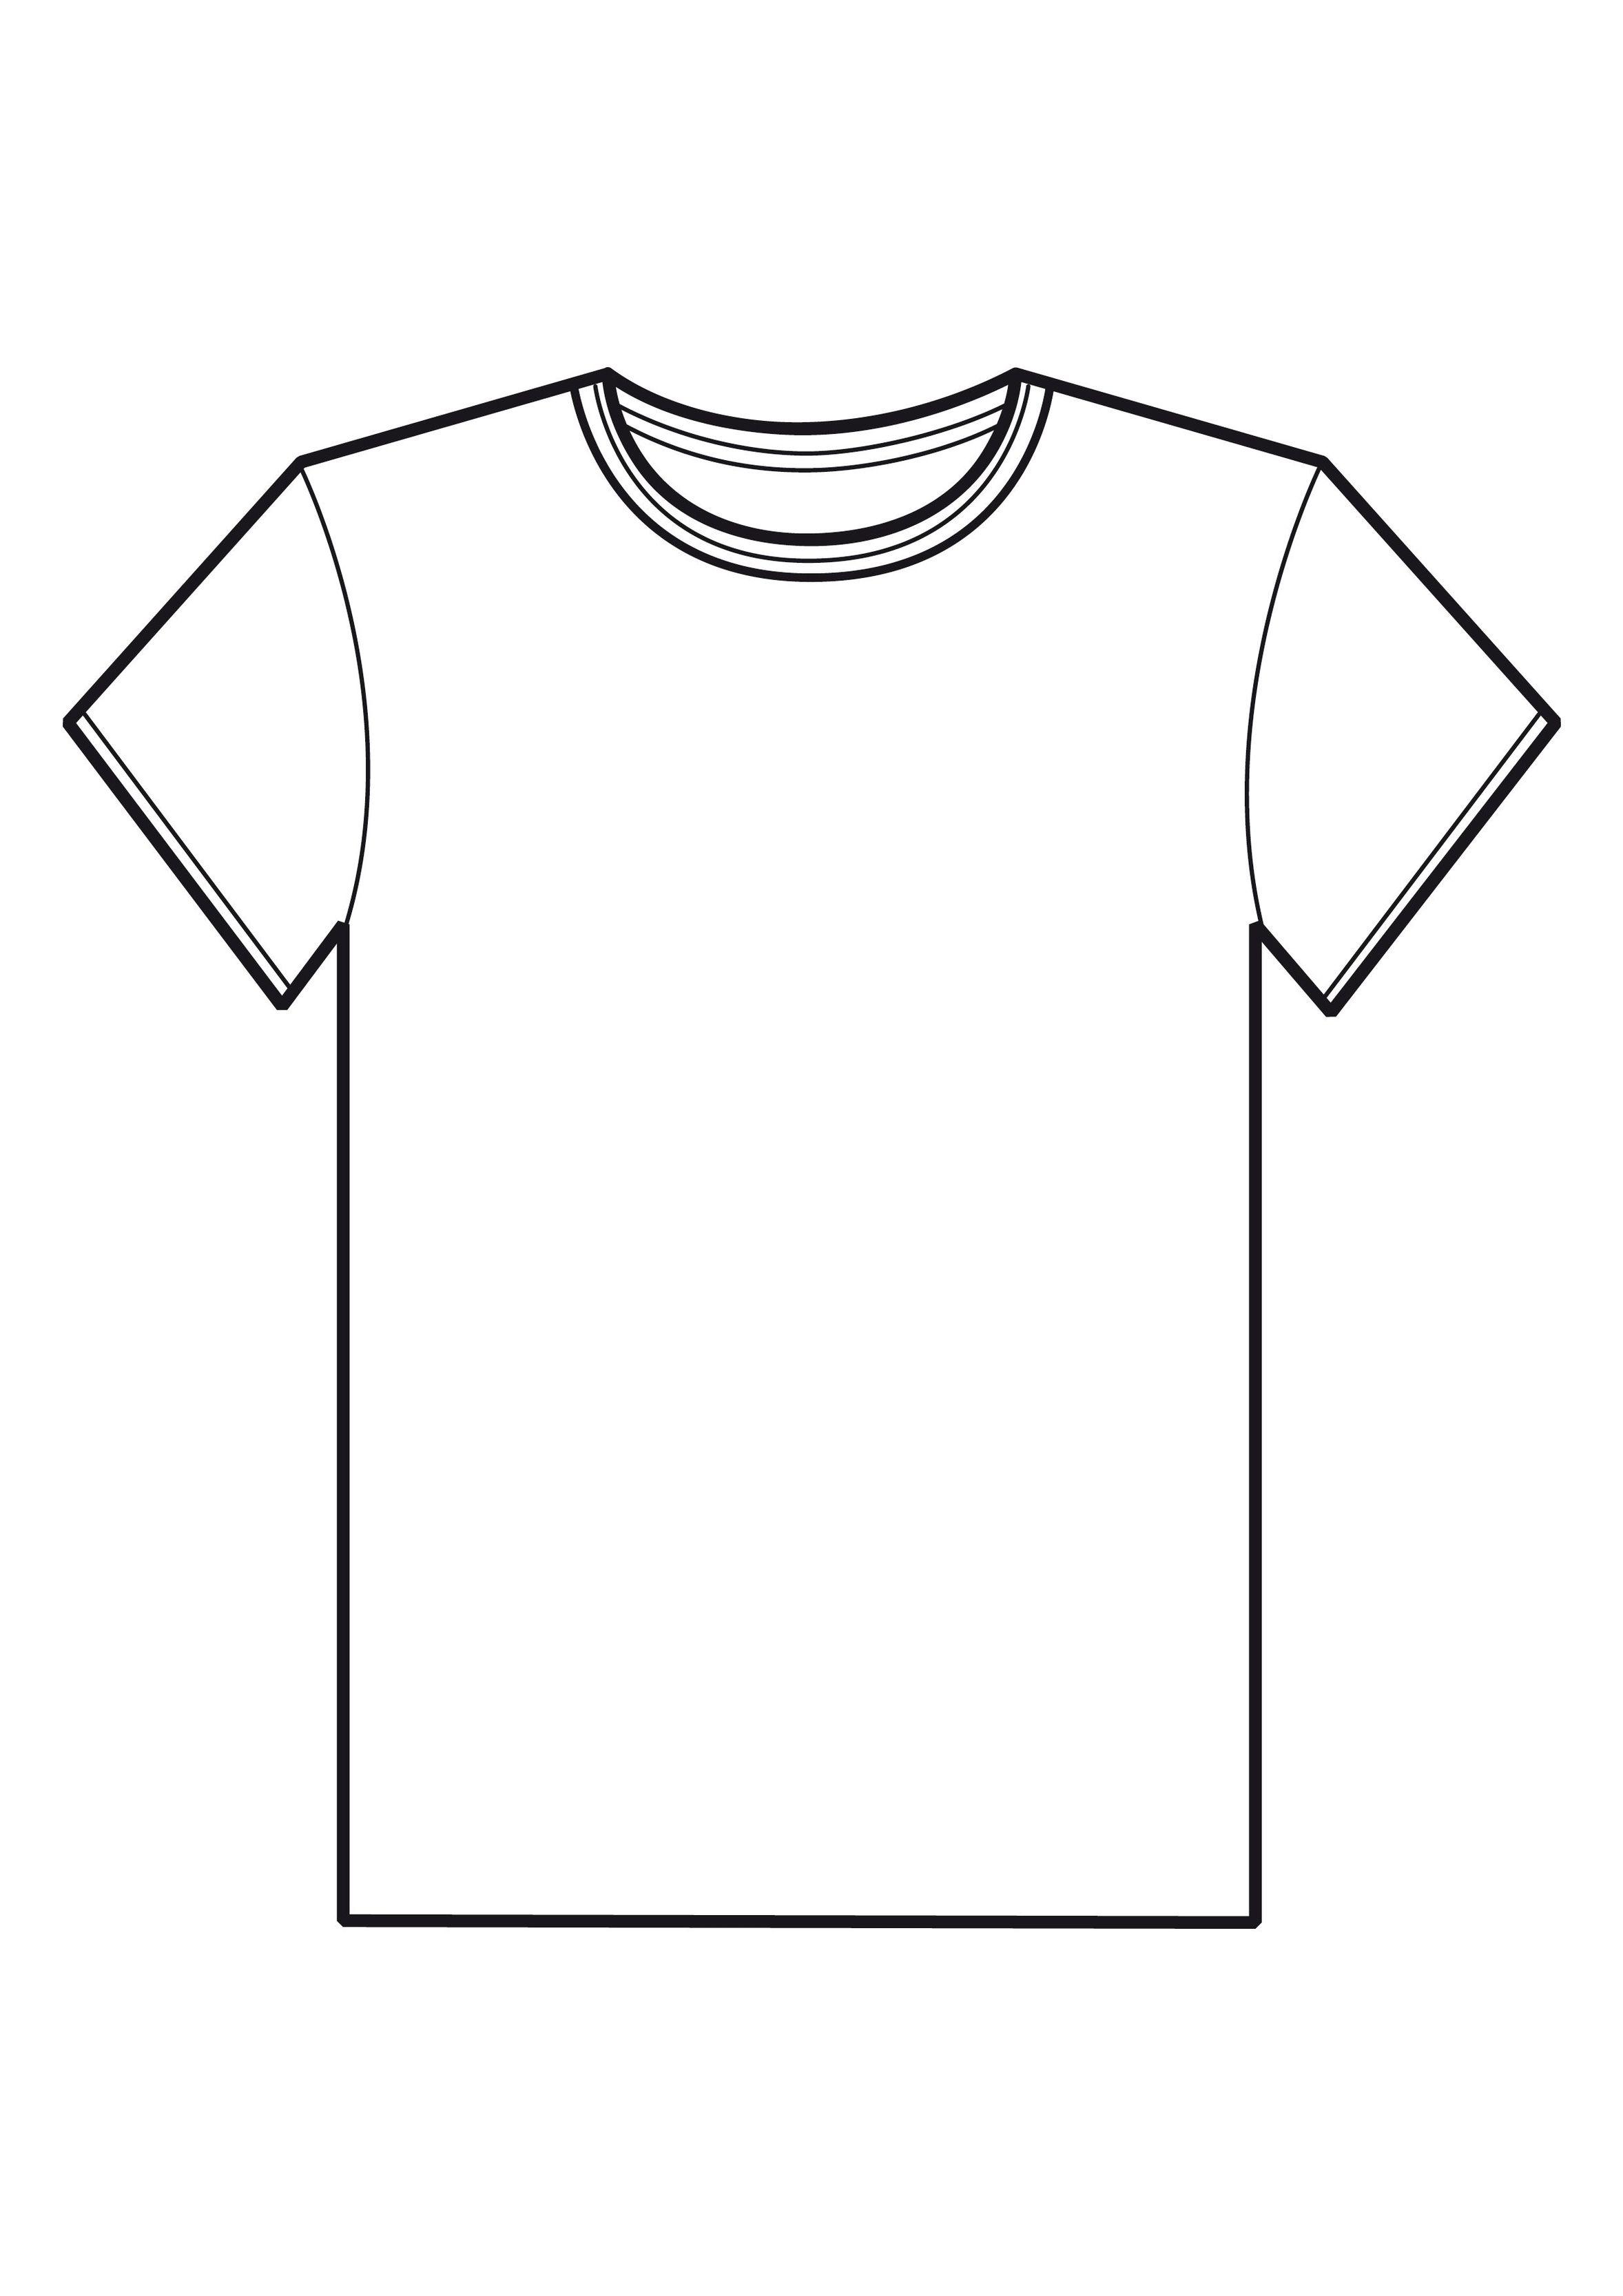 Shirt shirt clip.